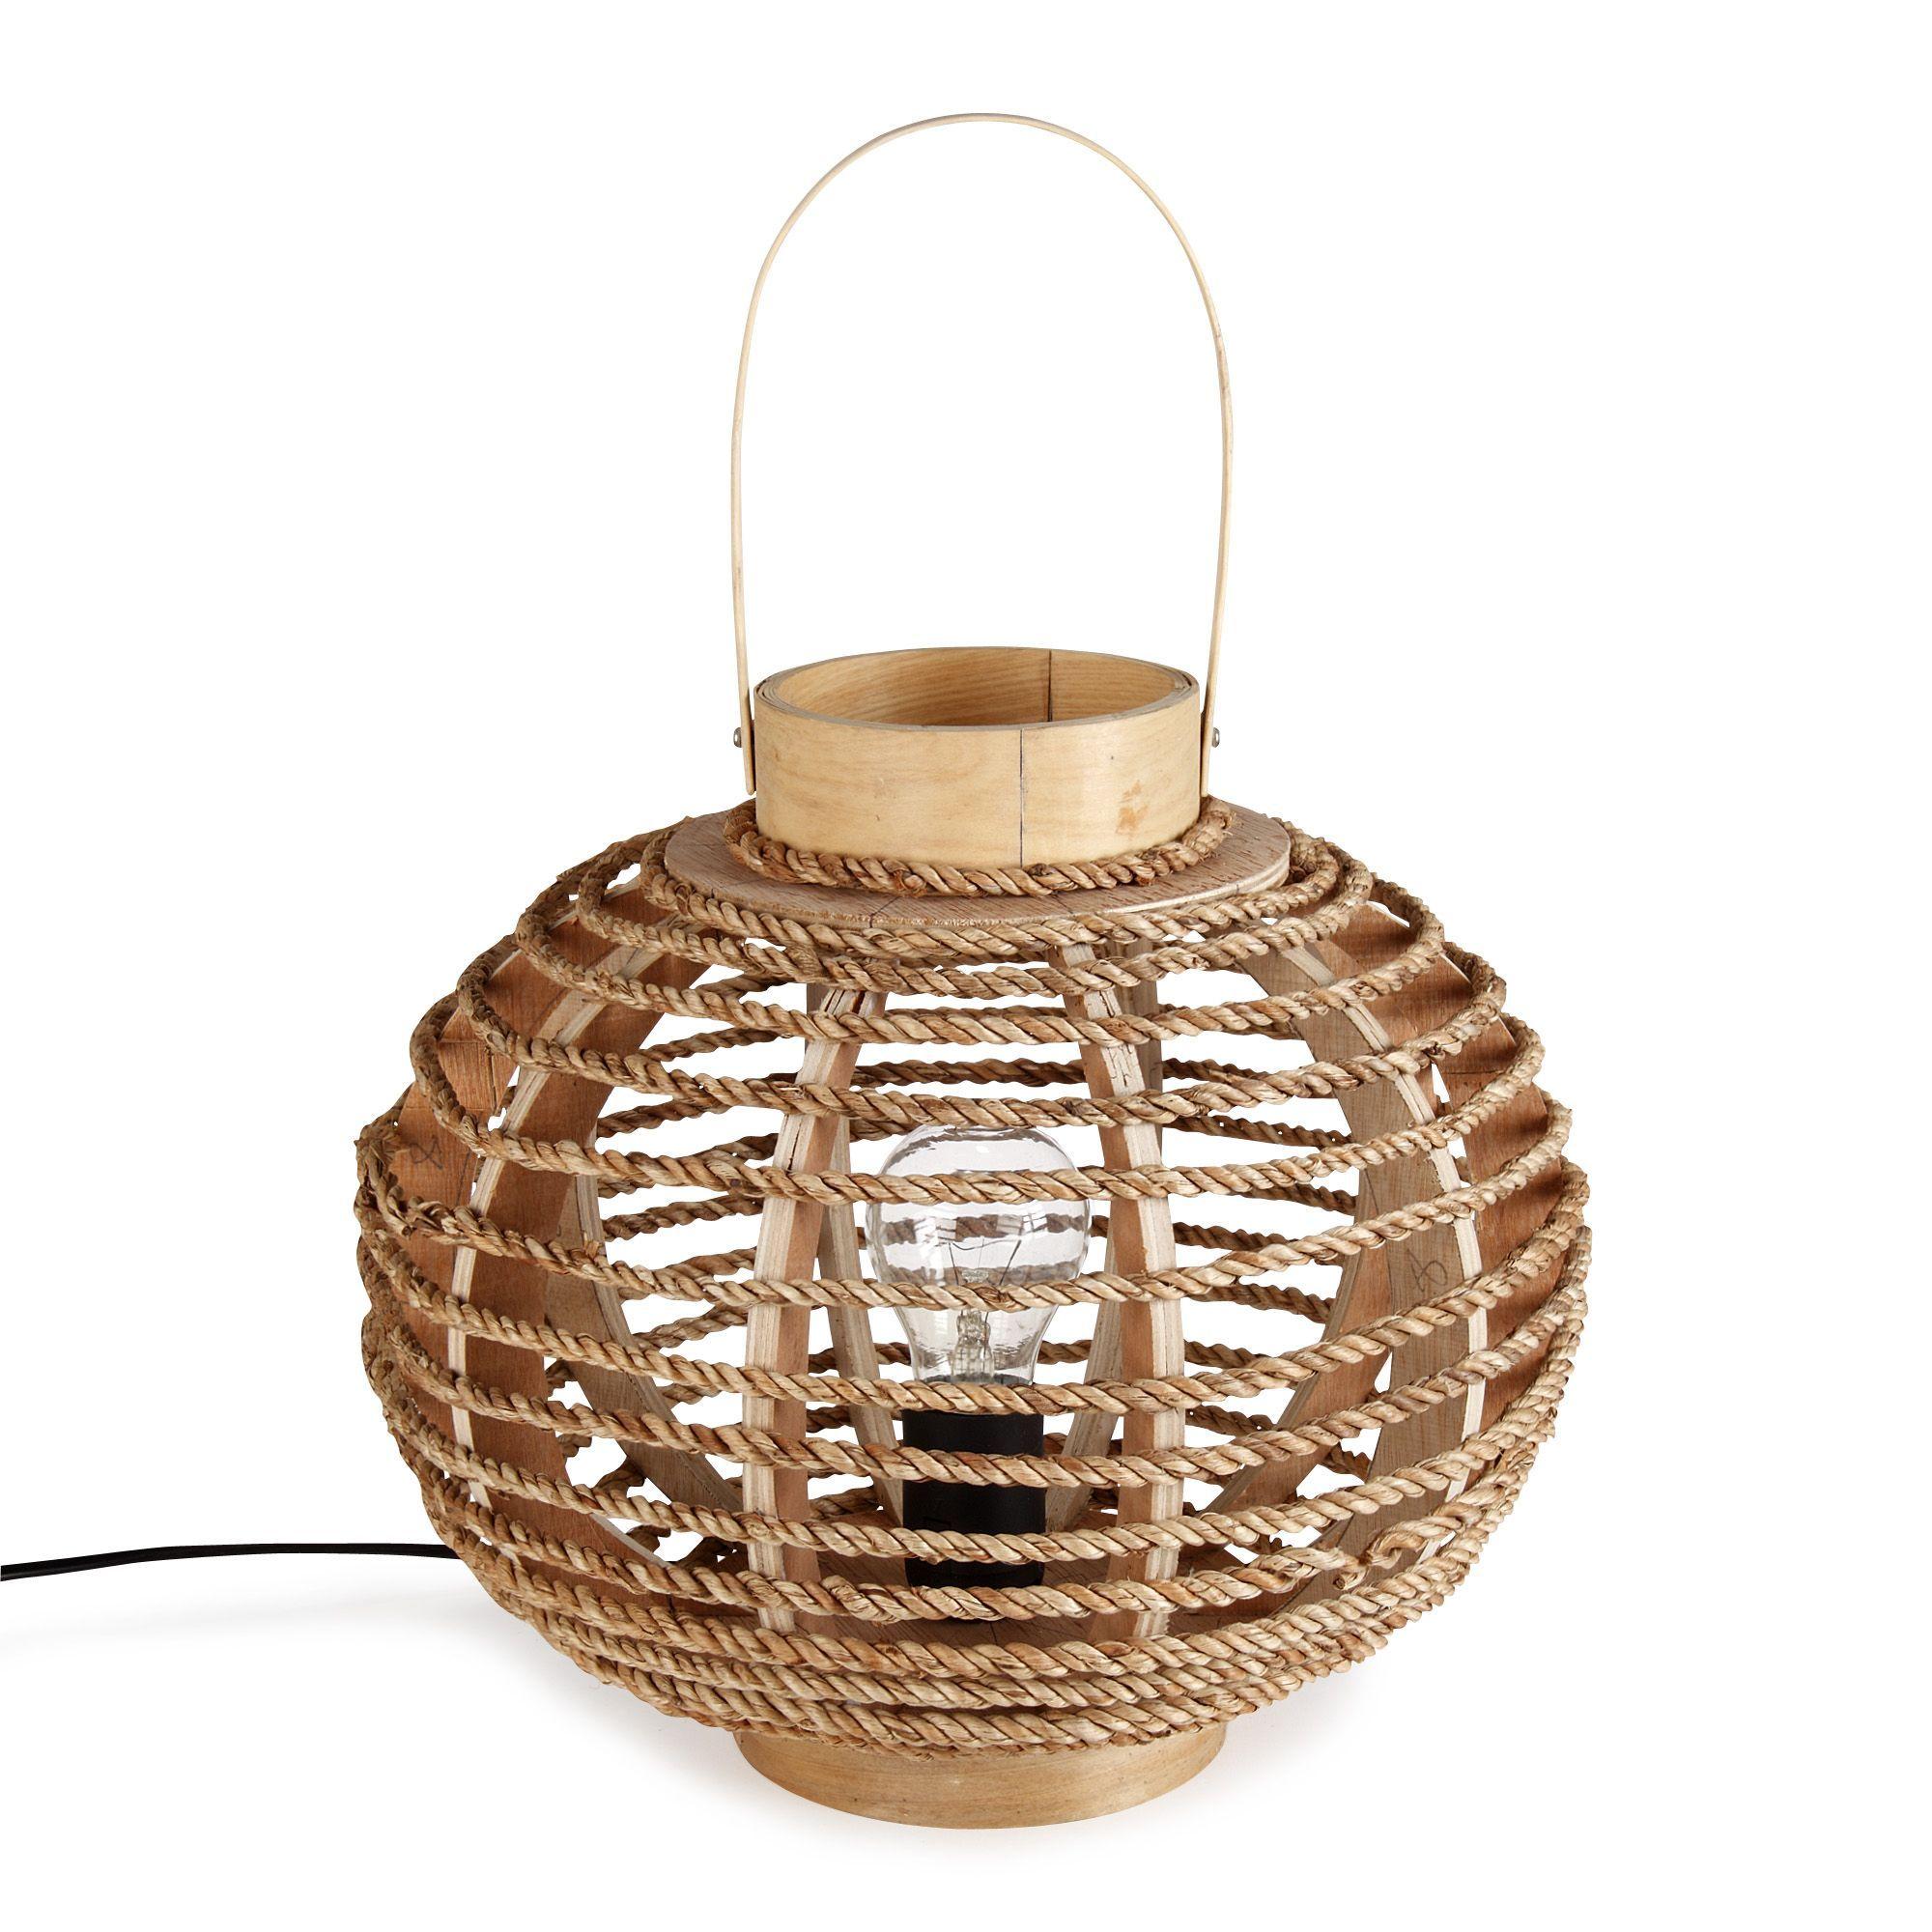 elegant conseils dcoration pour votre intrieur salon et sjour cuisine et accessoires bureau. Black Bedroom Furniture Sets. Home Design Ideas